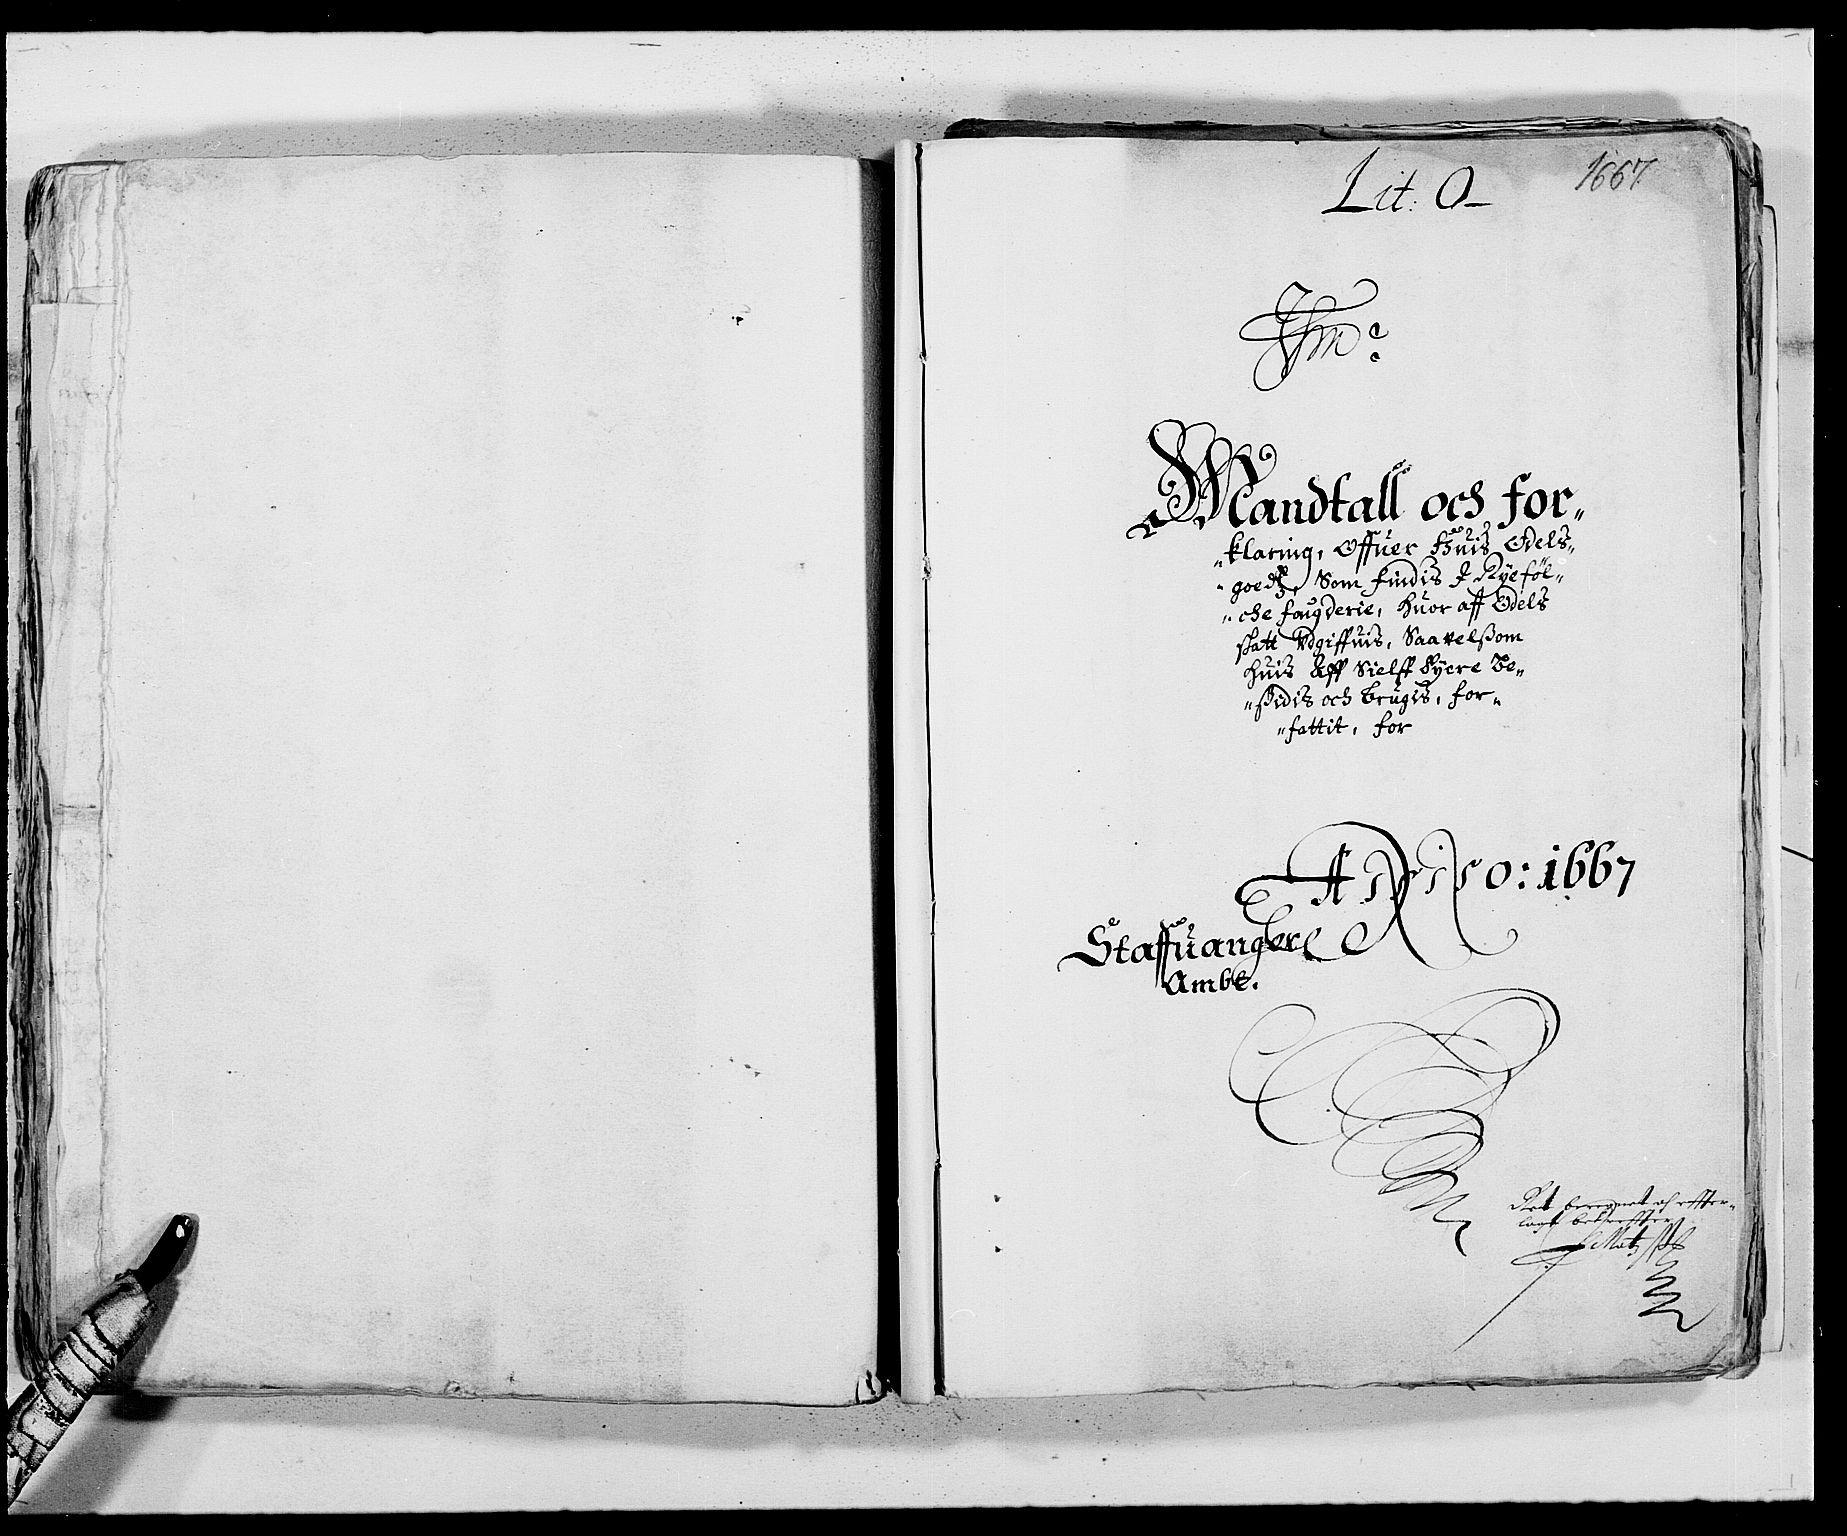 RA, Rentekammeret inntil 1814, Reviderte regnskaper, Fogderegnskap, R47/L2841: Fogderegnskap Ryfylke, 1665-1669, s. 102